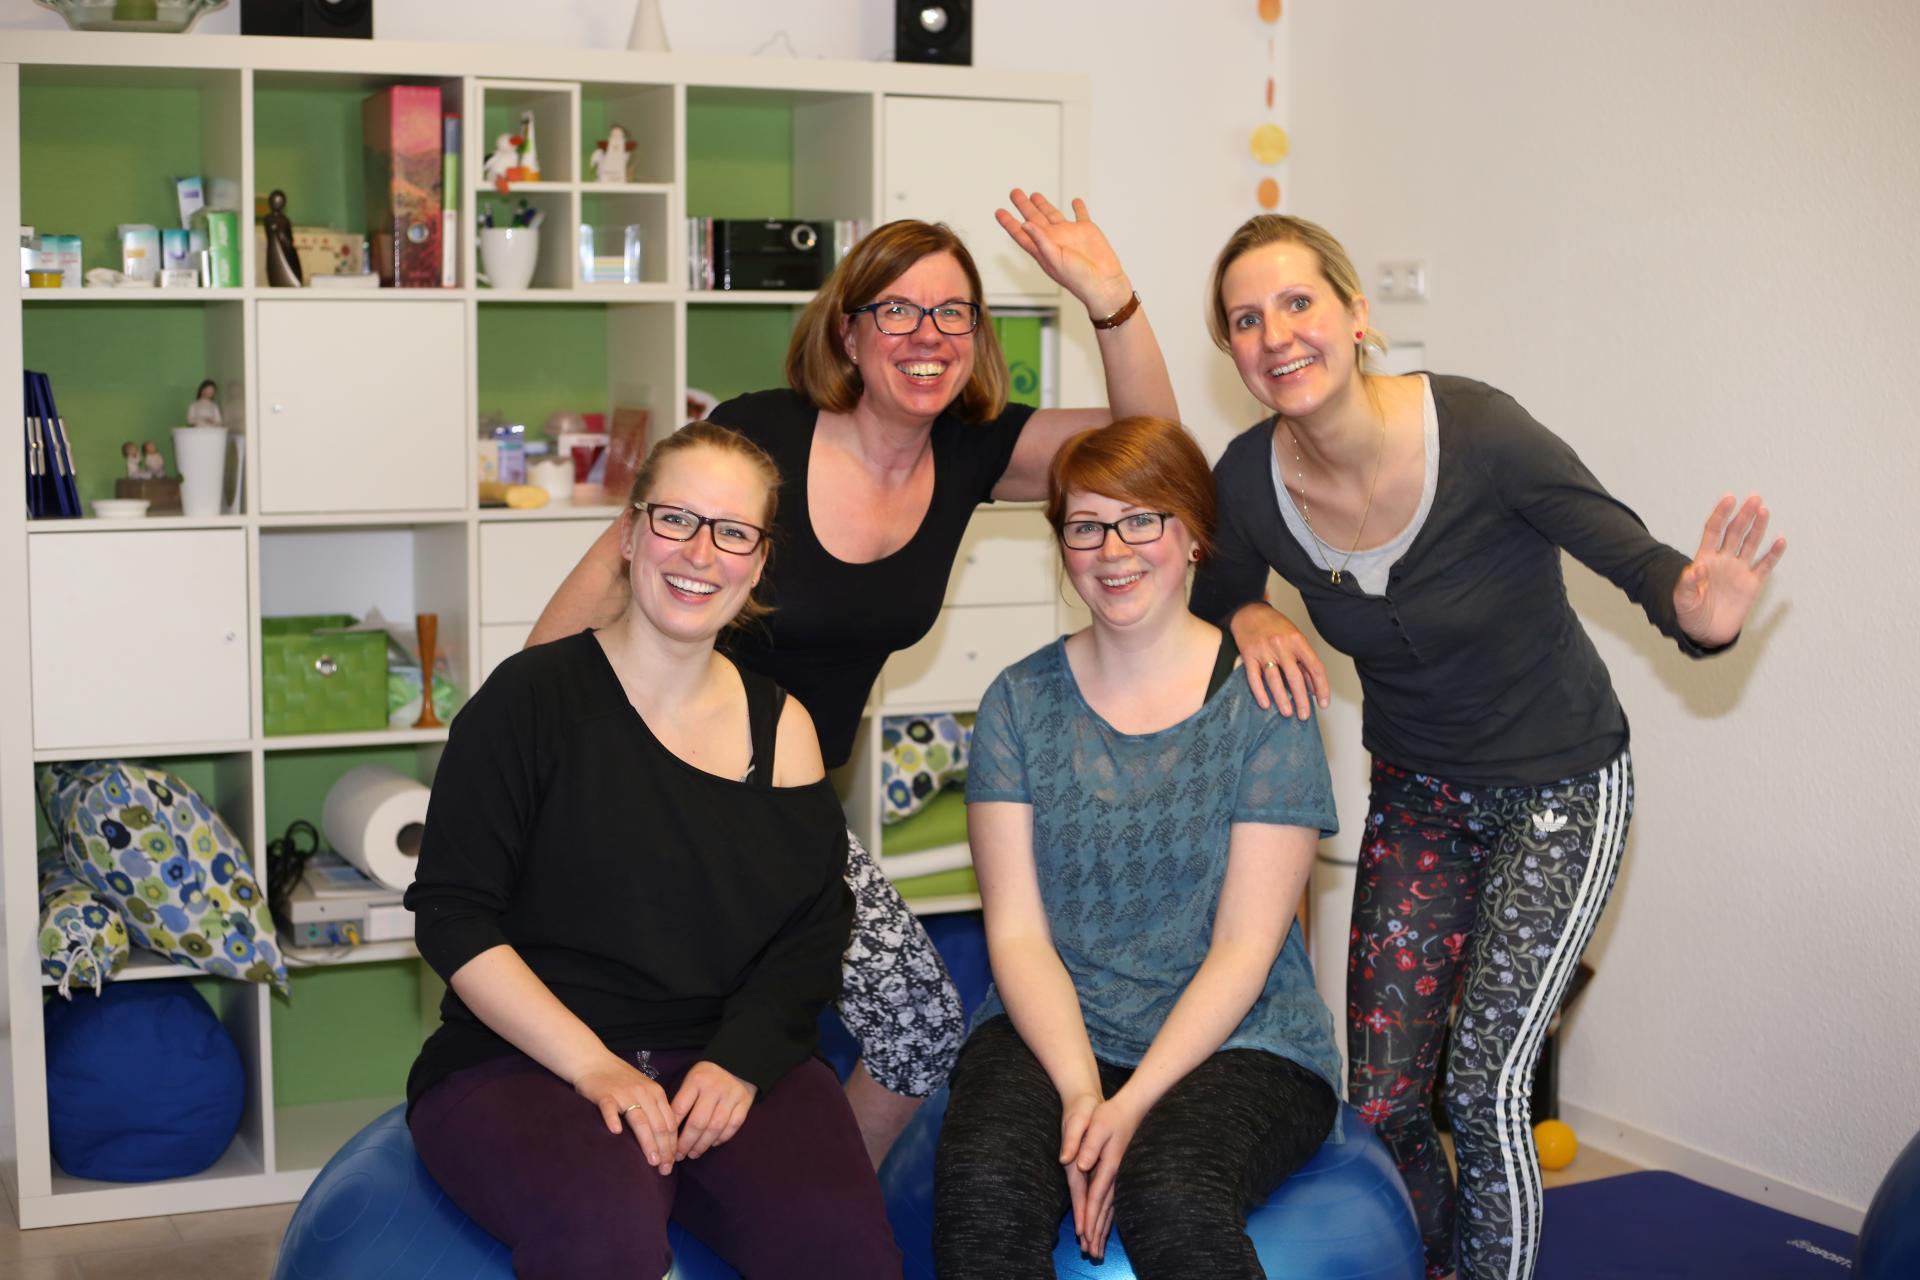 Gruppenbild der Teilnehmer des Rückbildungs-Kurses